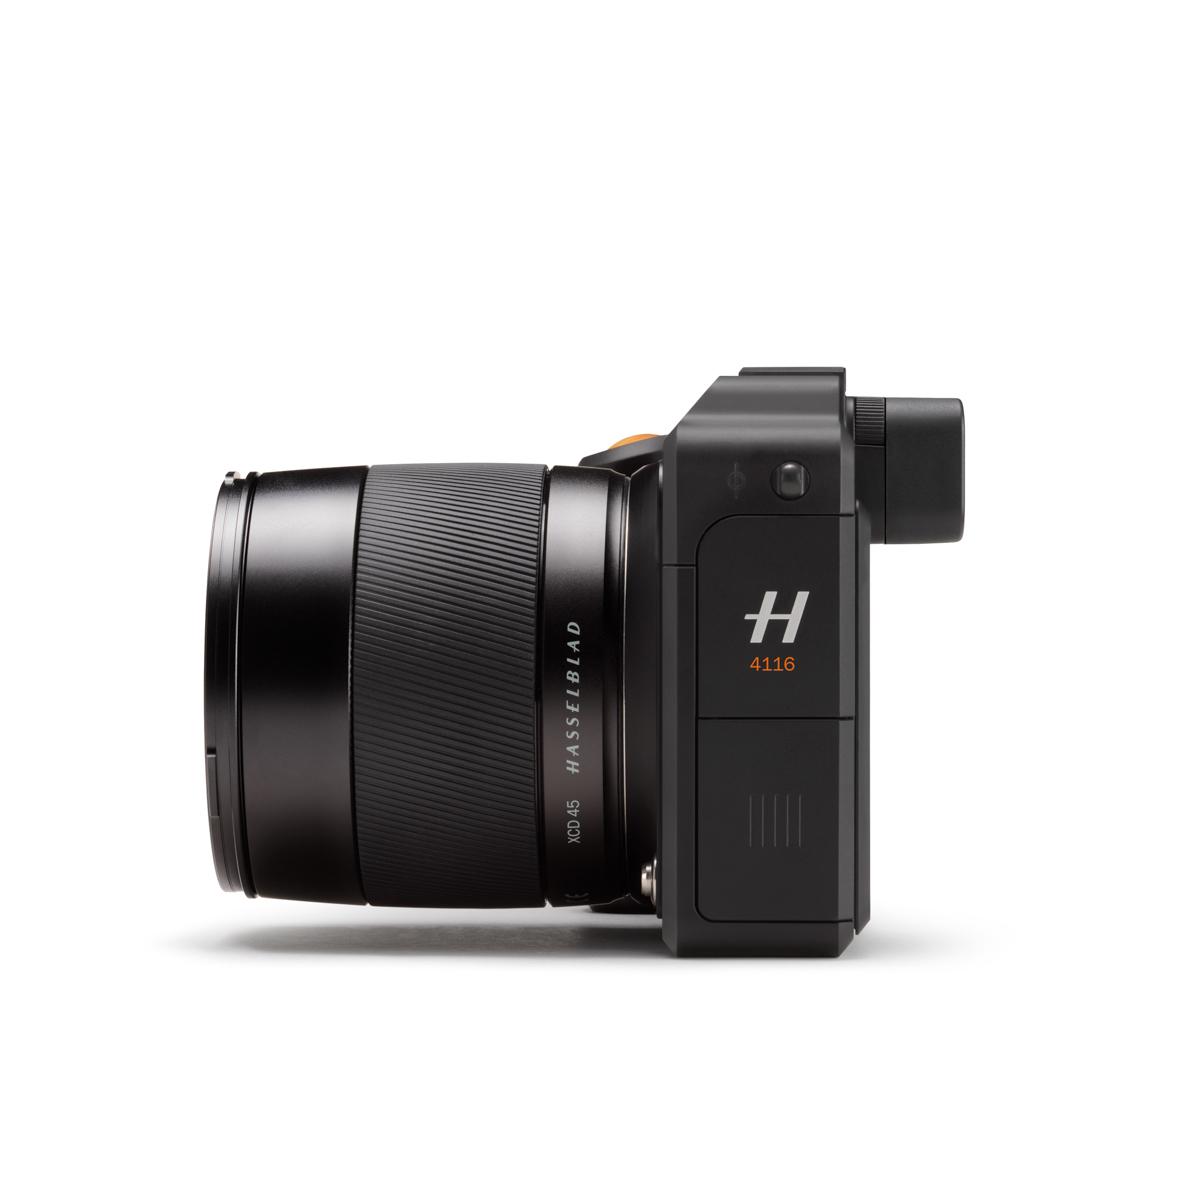 Hasselblad X1D 4116